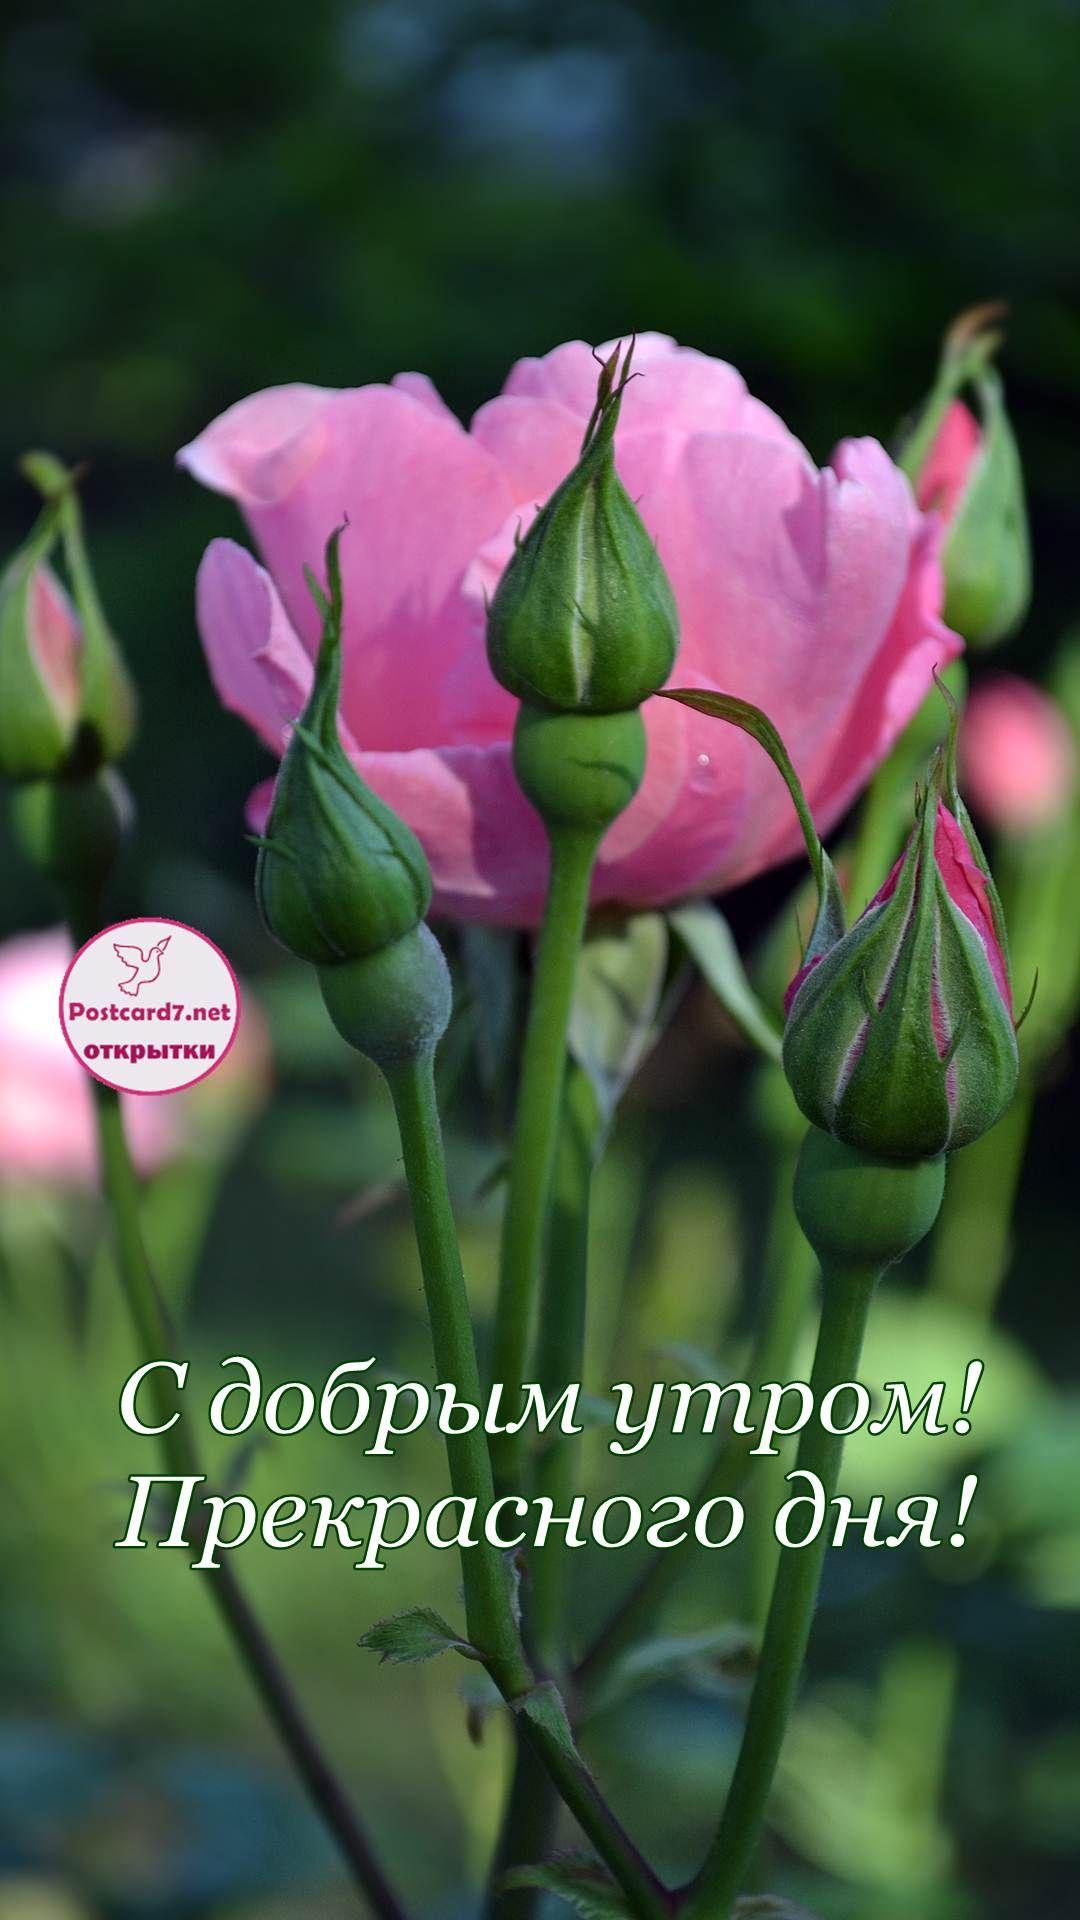 Картинки прекрасного дня и замечательного настроения 011